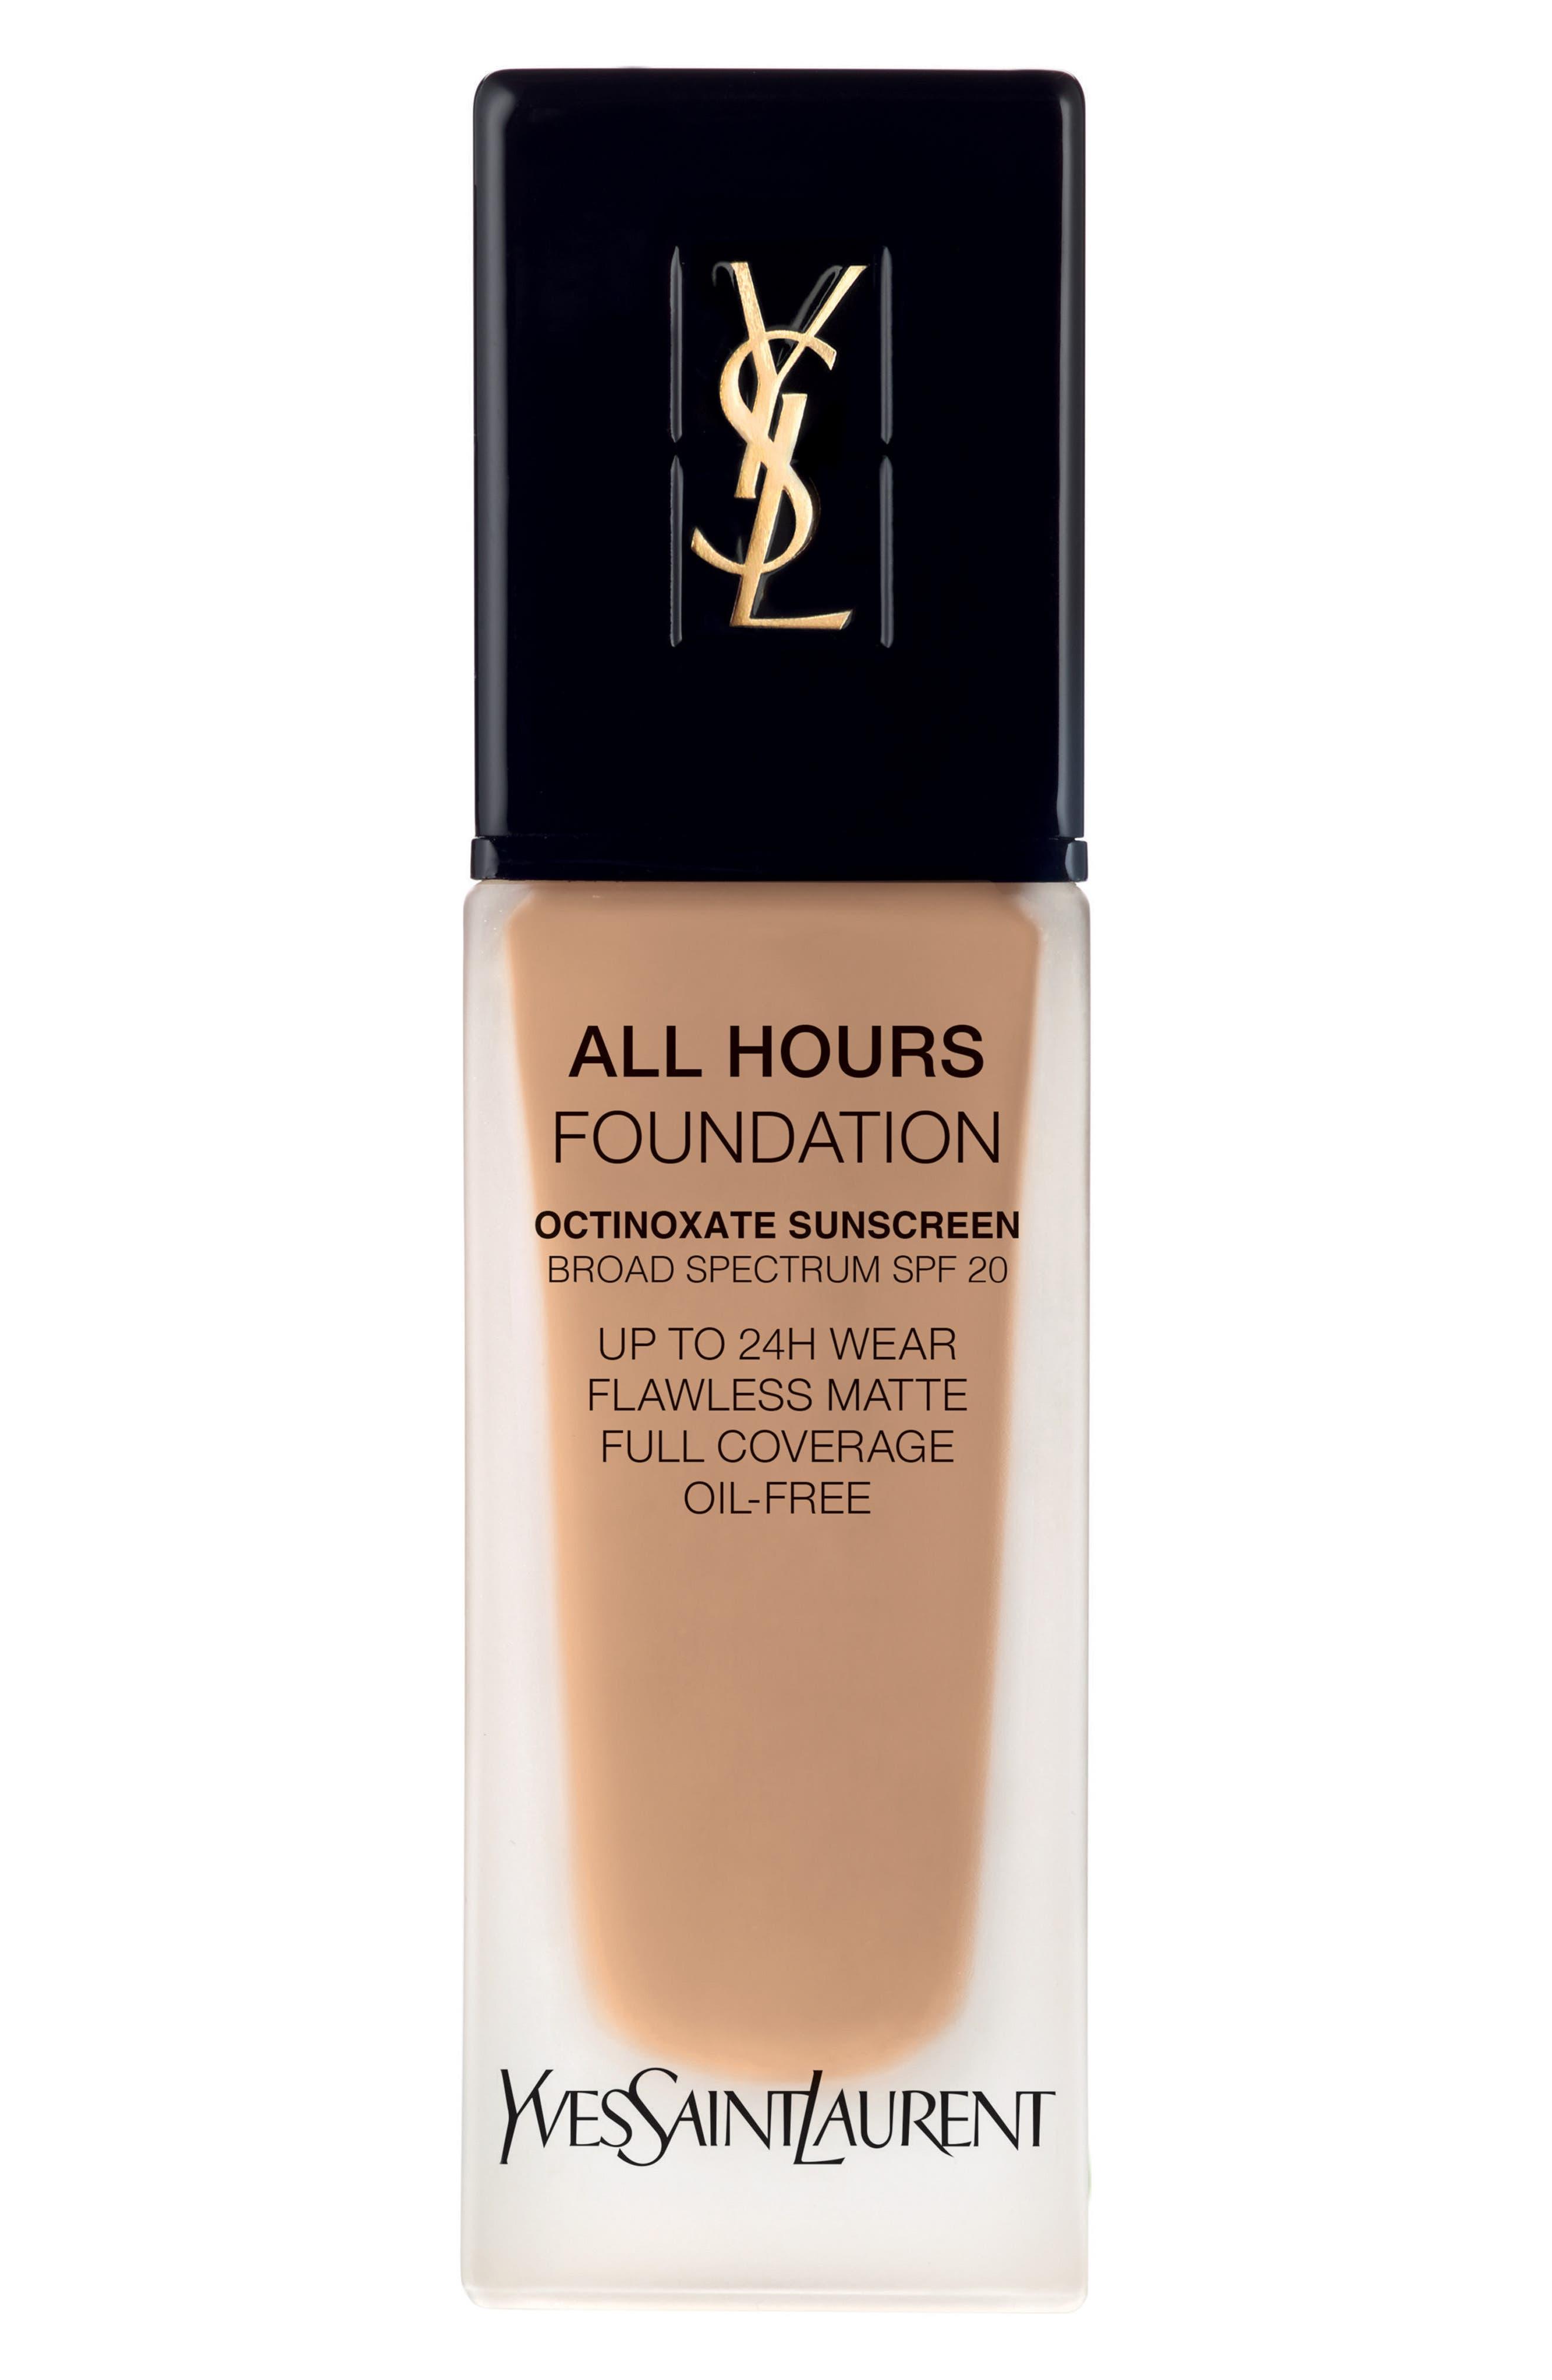 Yves Saint Laurent All Hours Full Coverage Matte Foundation Spf 20 - Bd50 Warm Honey